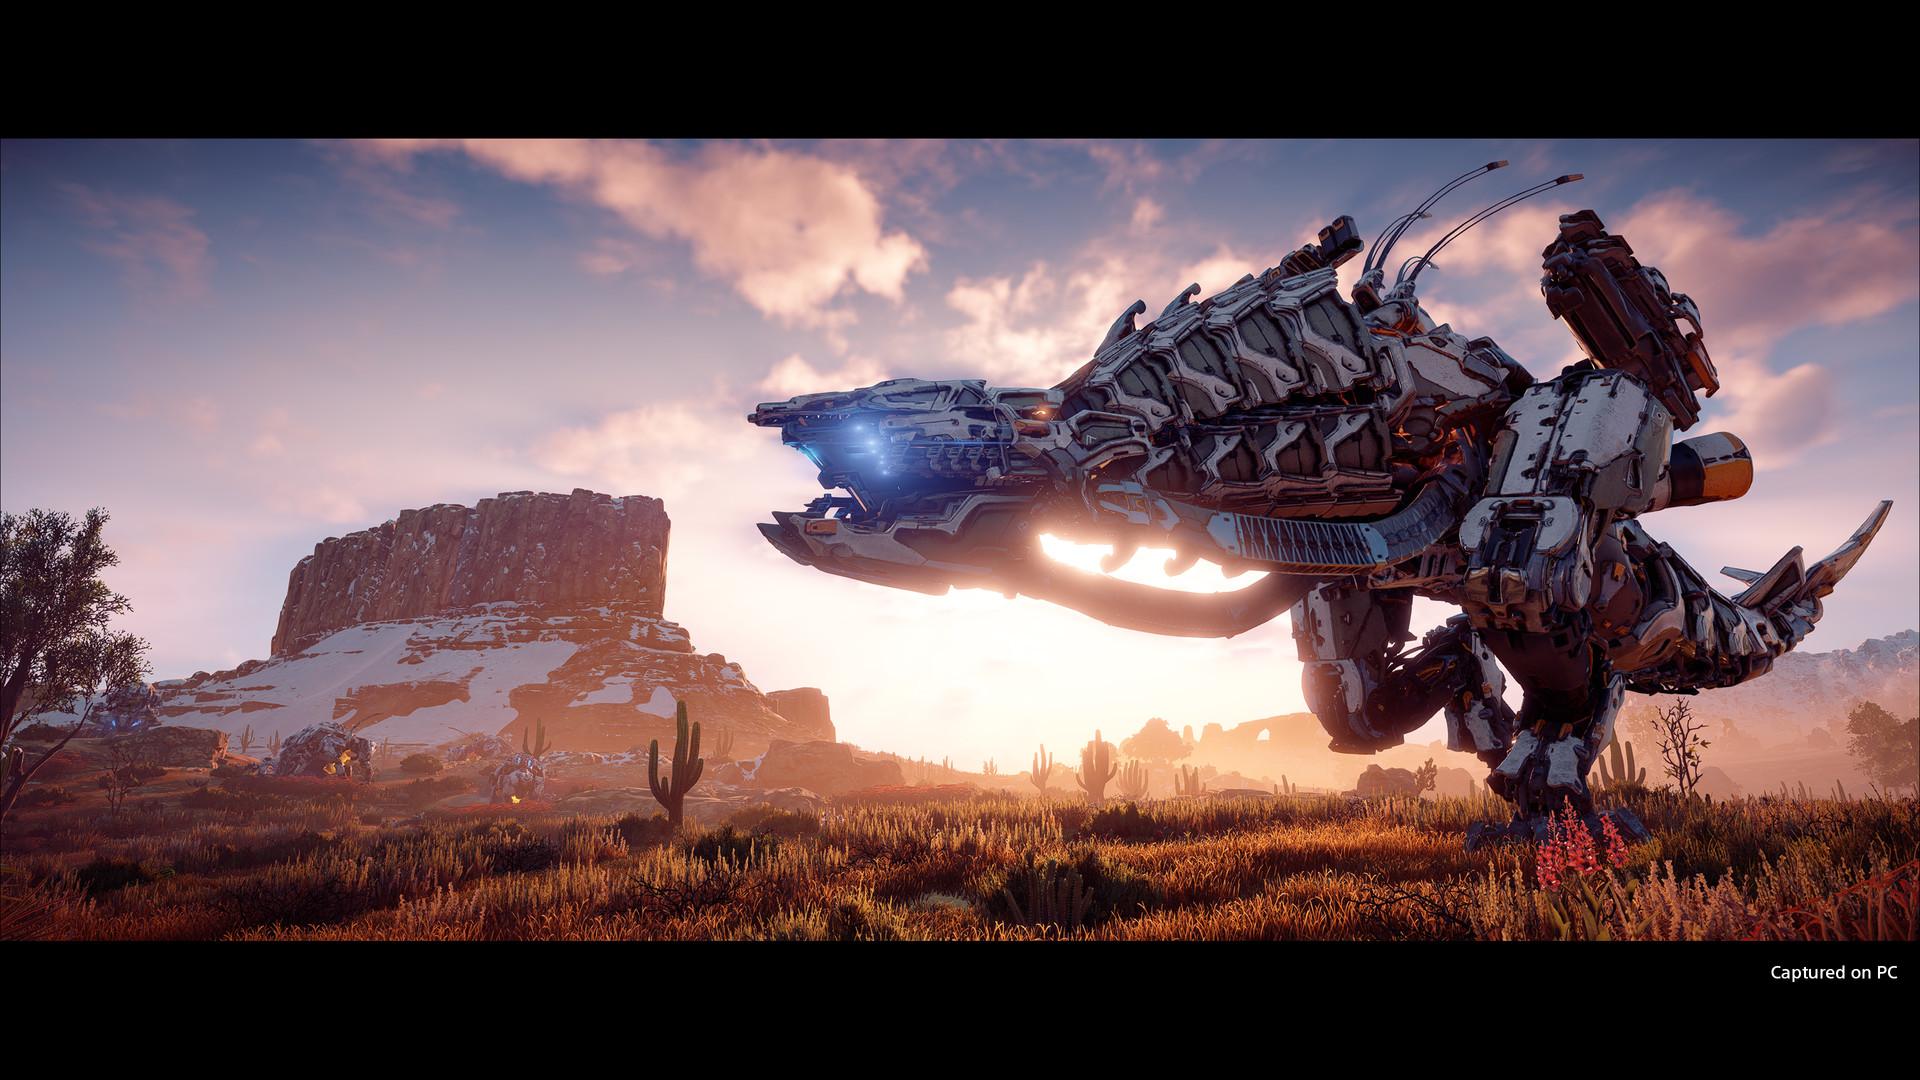 Проблемы Horizon Zero Dawn на PC — анимации в 30 fps и лаги на слабых сборках